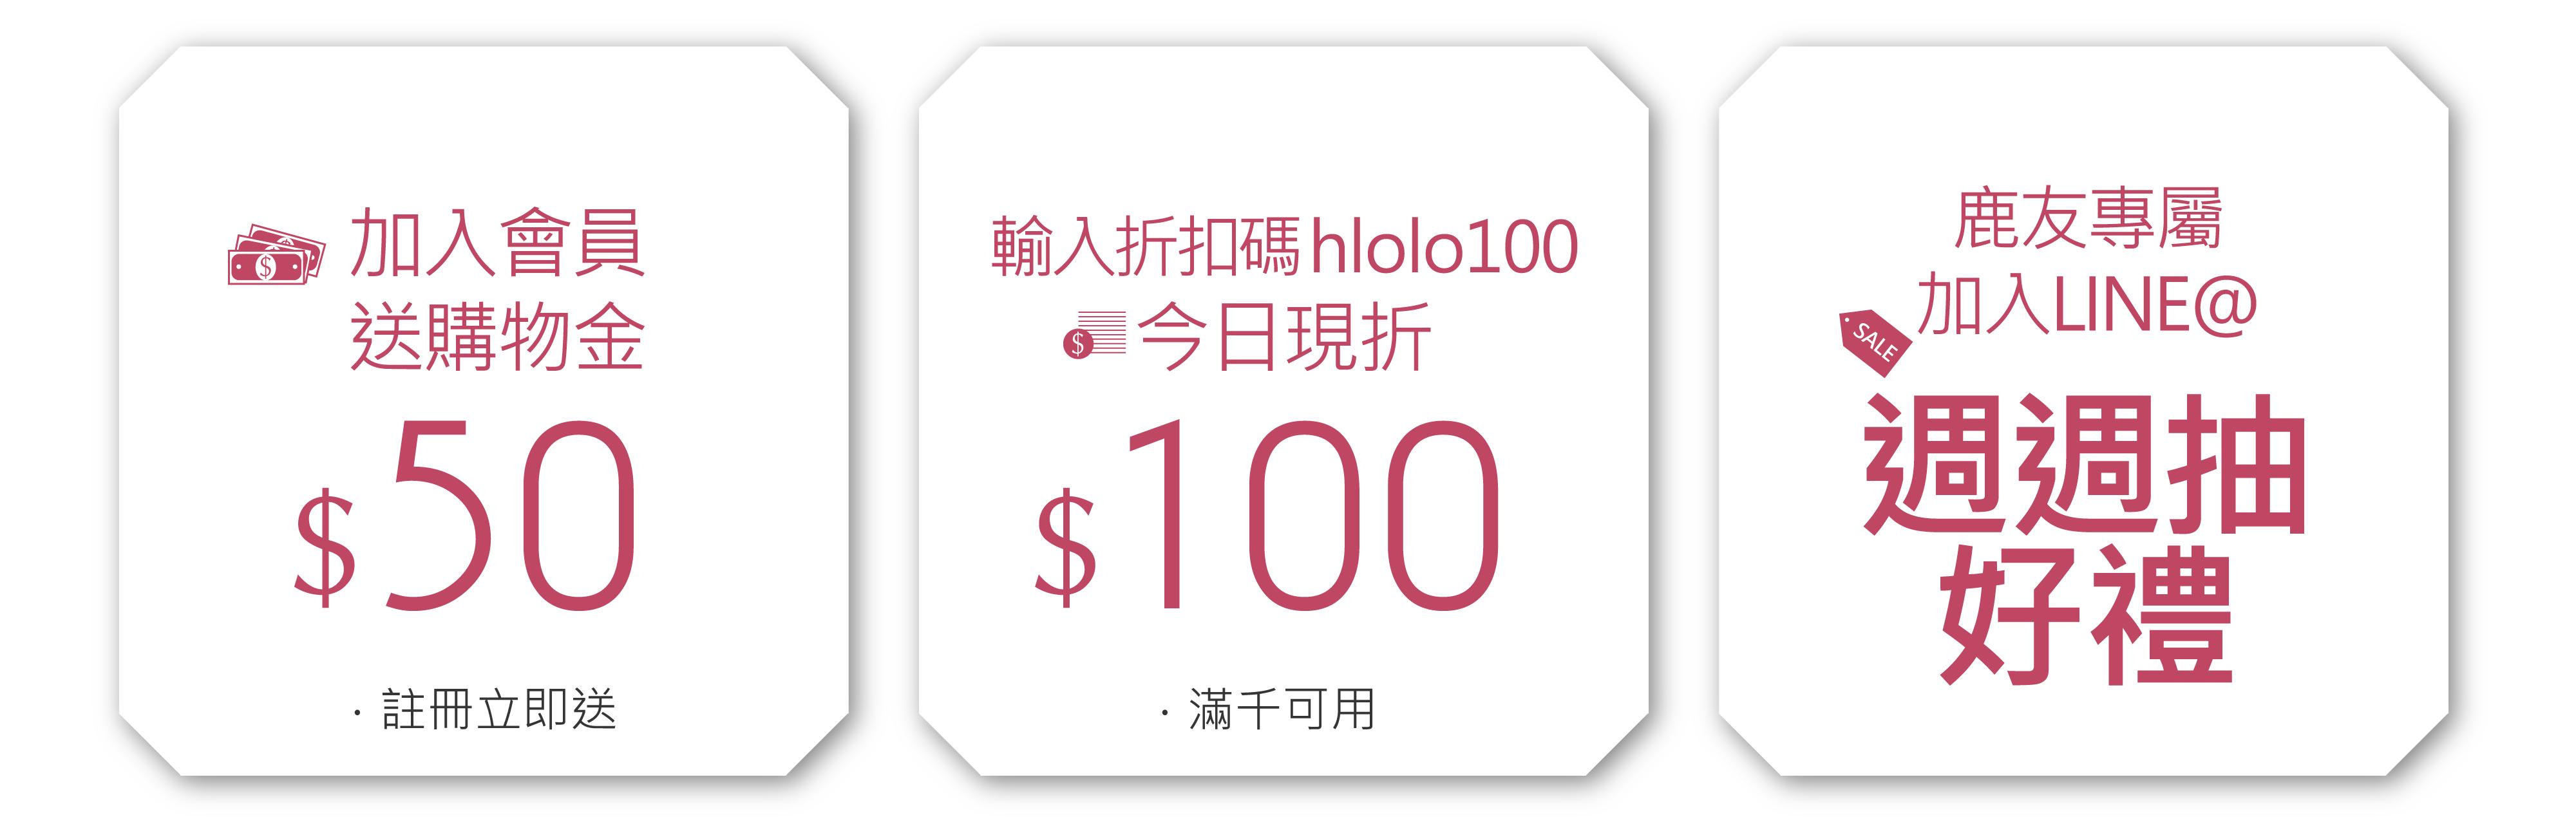 新註冊,現折$100,購物金,LINE,週週抽好禮,滿千可用,免費送